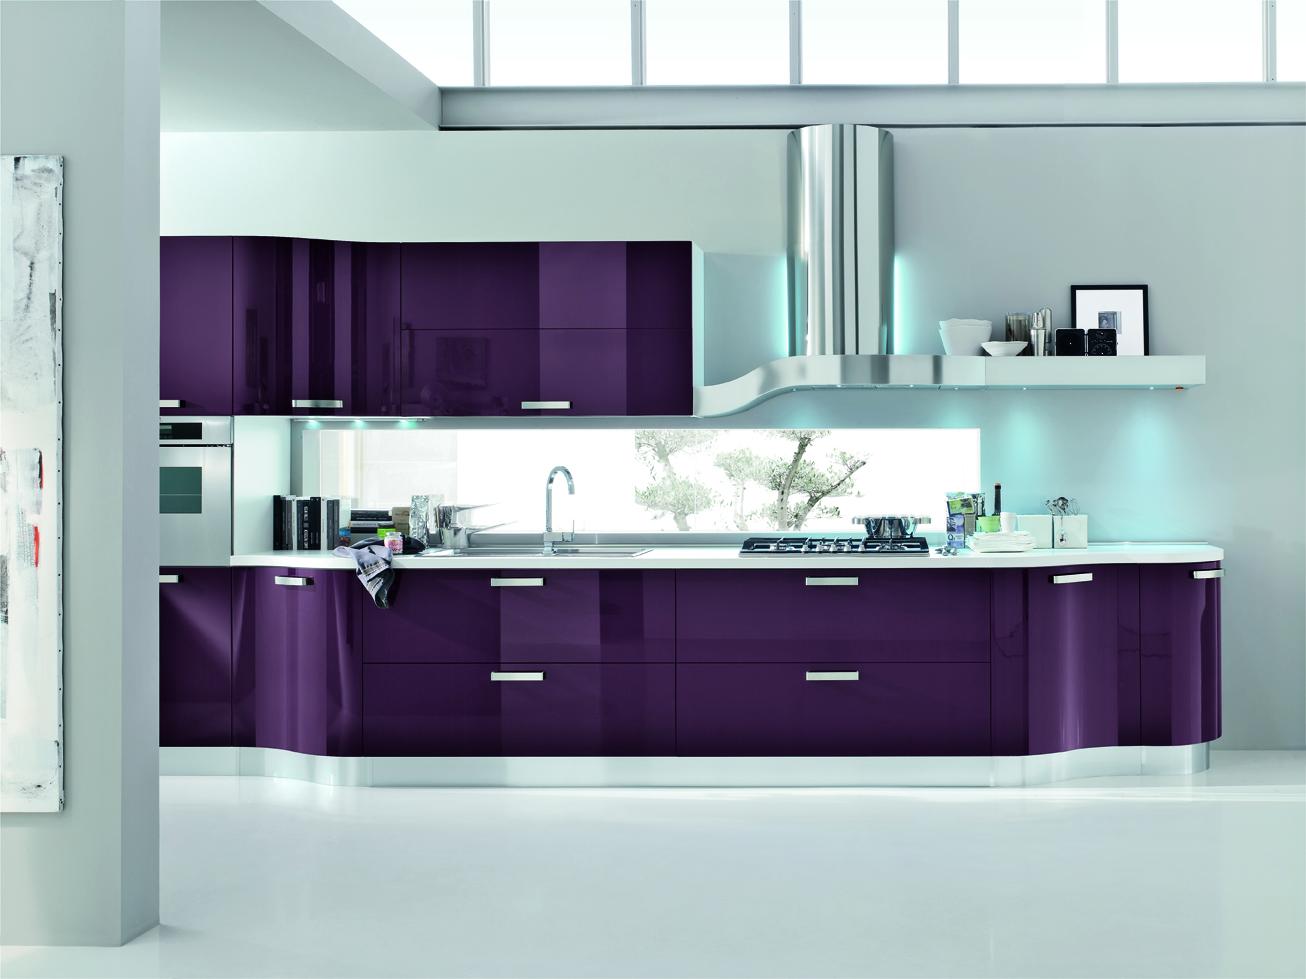 Kristal: linee ondulate e morbidezza delle forme, per un tocco di ricercatezza anche in cucina